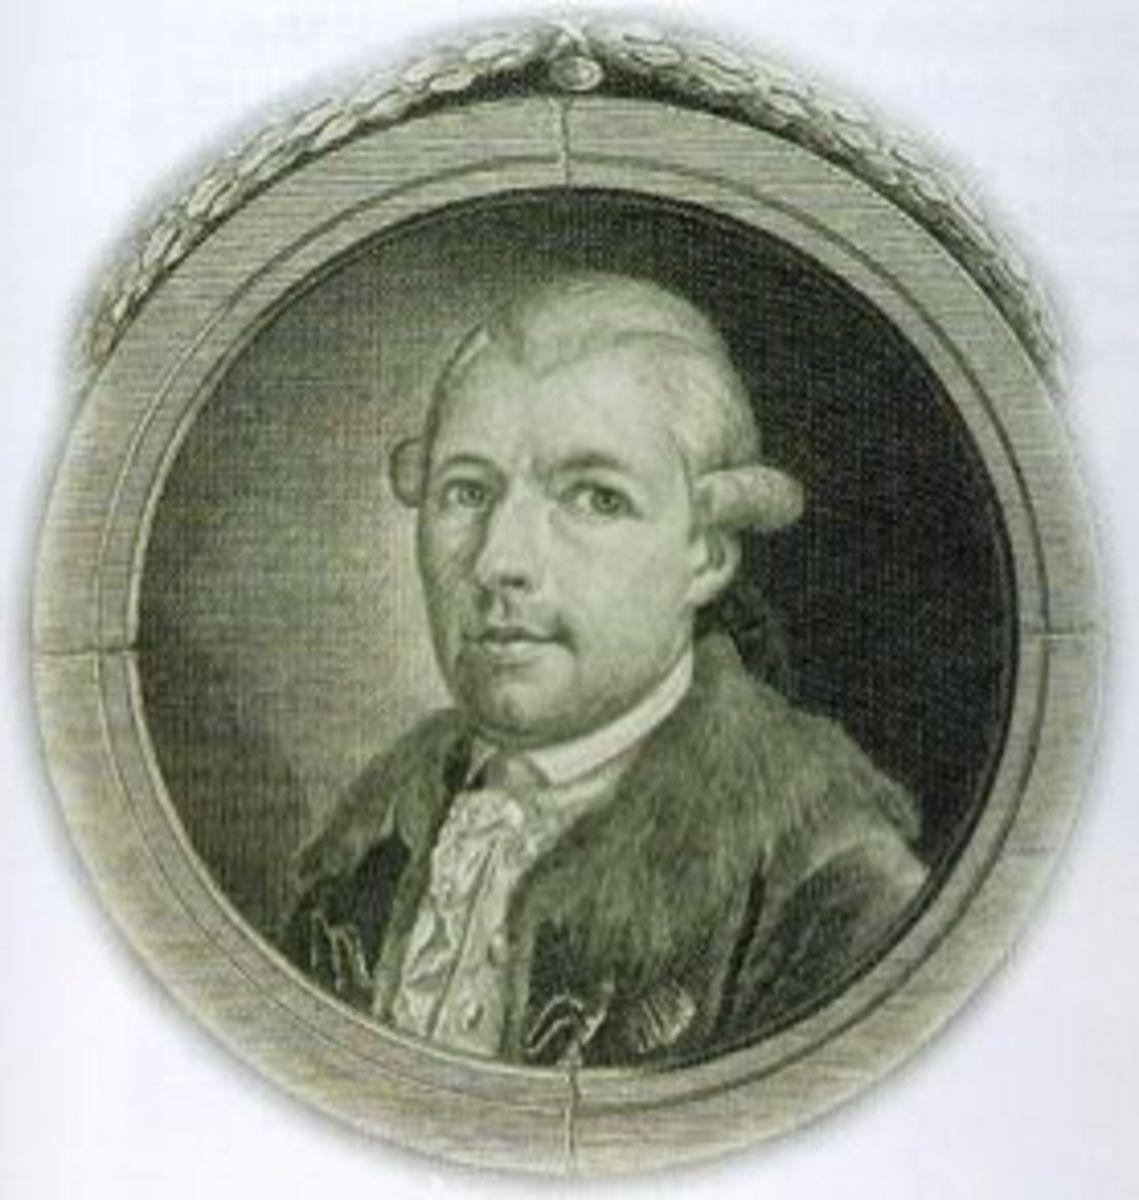 Adam Weishaupt. Bavarian Illuminati founder